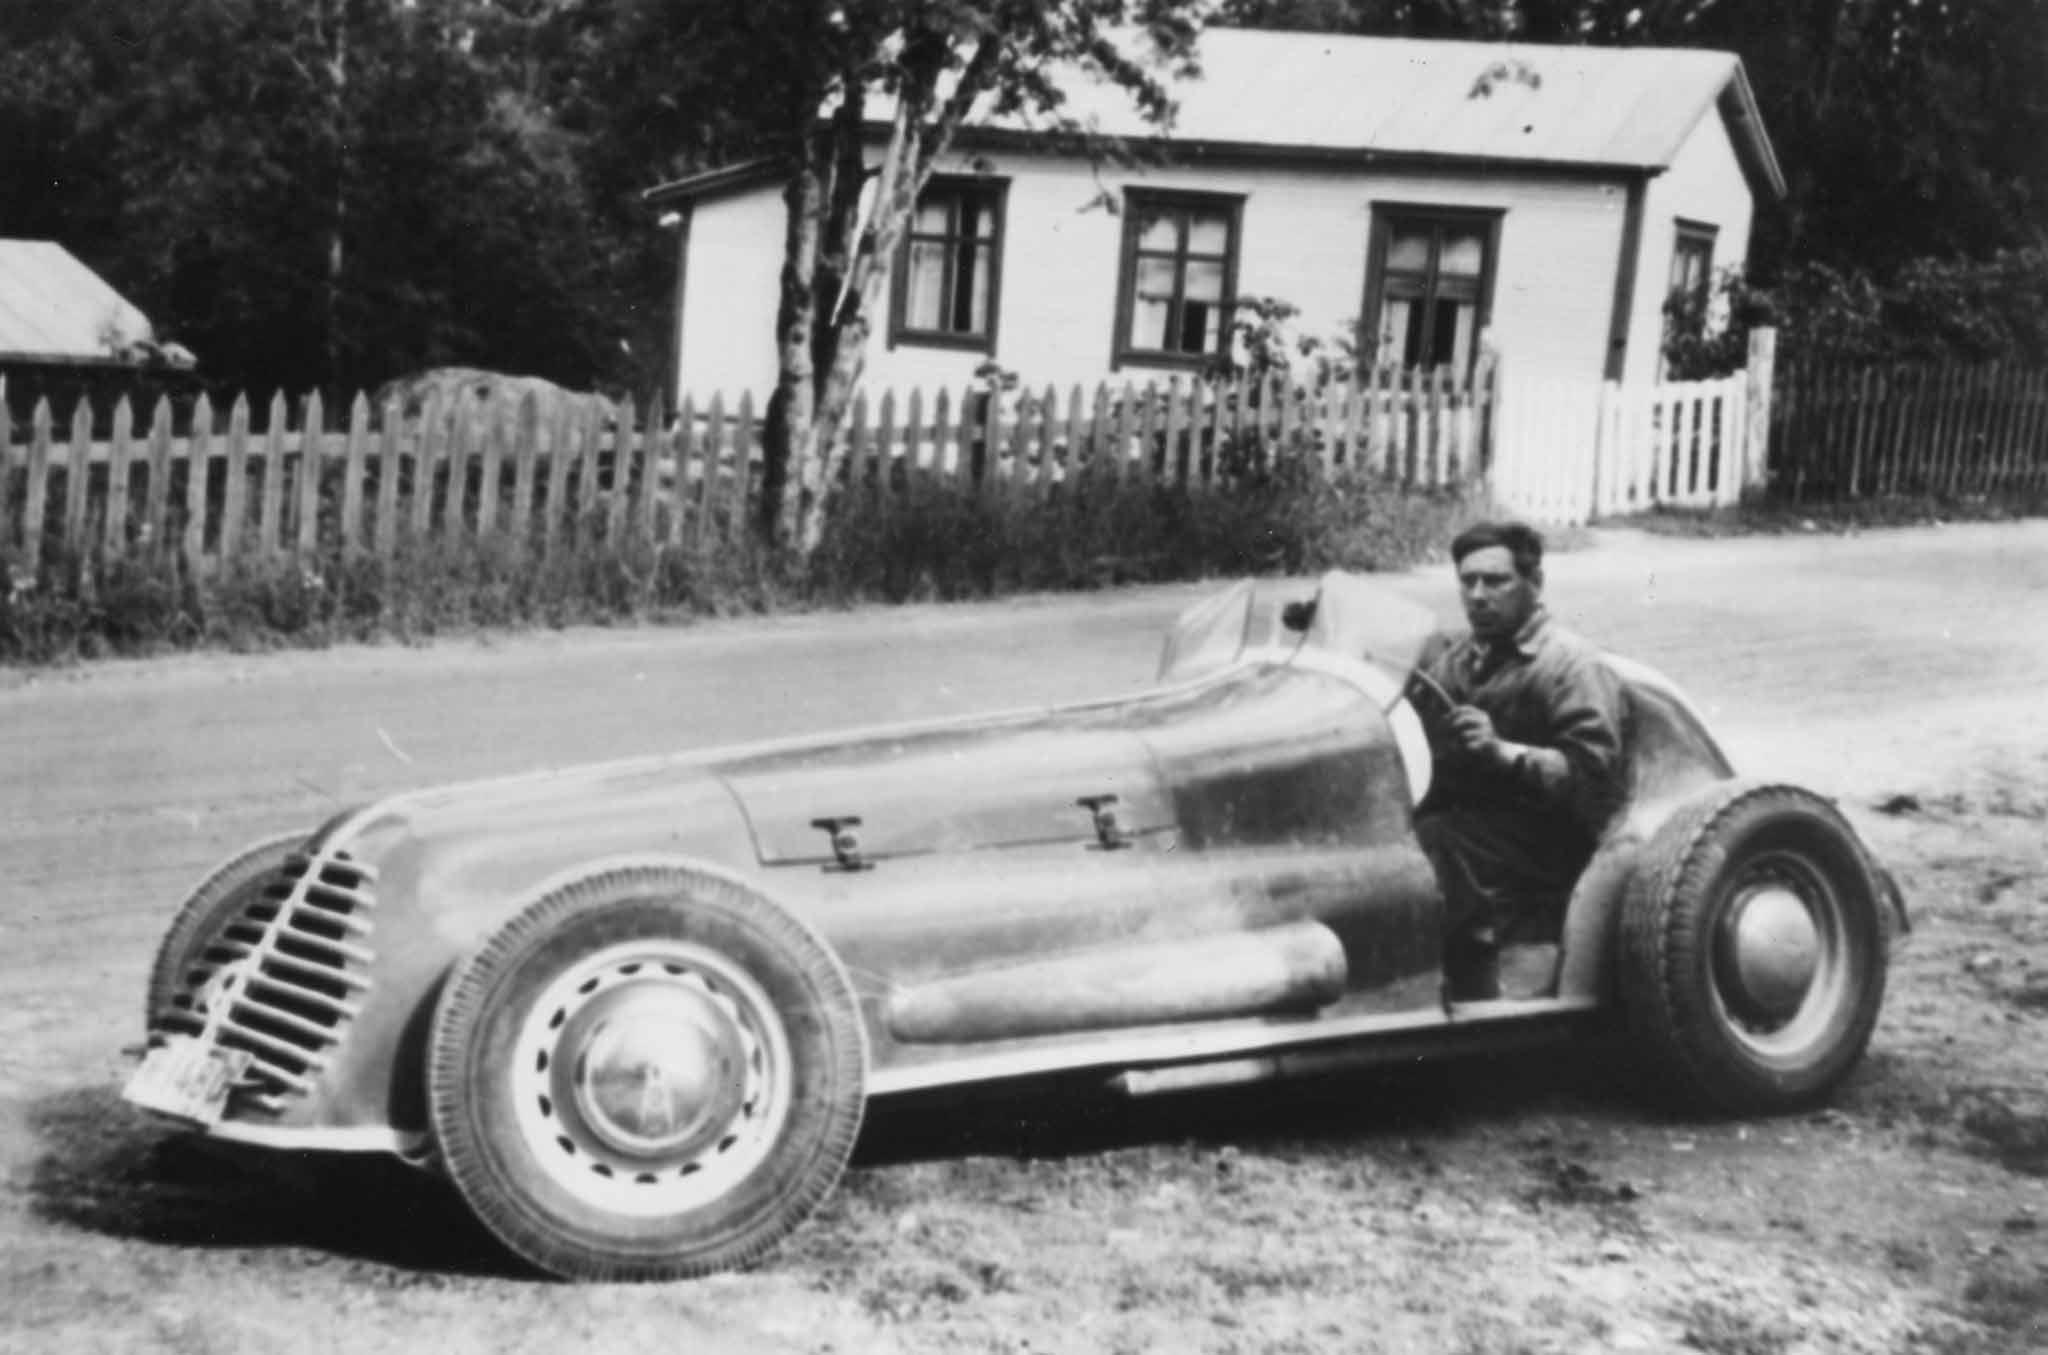 """Karl-Gustav Wikman istuu ylpeänä vastavalmistuneen spesiaalinsa ratissa Vaasassa vuonna 1949 tai -50. Kardan Oy:n valmistamassa autossa oli -25 Maxwellin runko ja Fordin """"95"""" sivuventtiili-V8. Uno Lamminen rakennutti auton Rovaniemellä kokonaan uusiin puihin talvella 1952/53."""